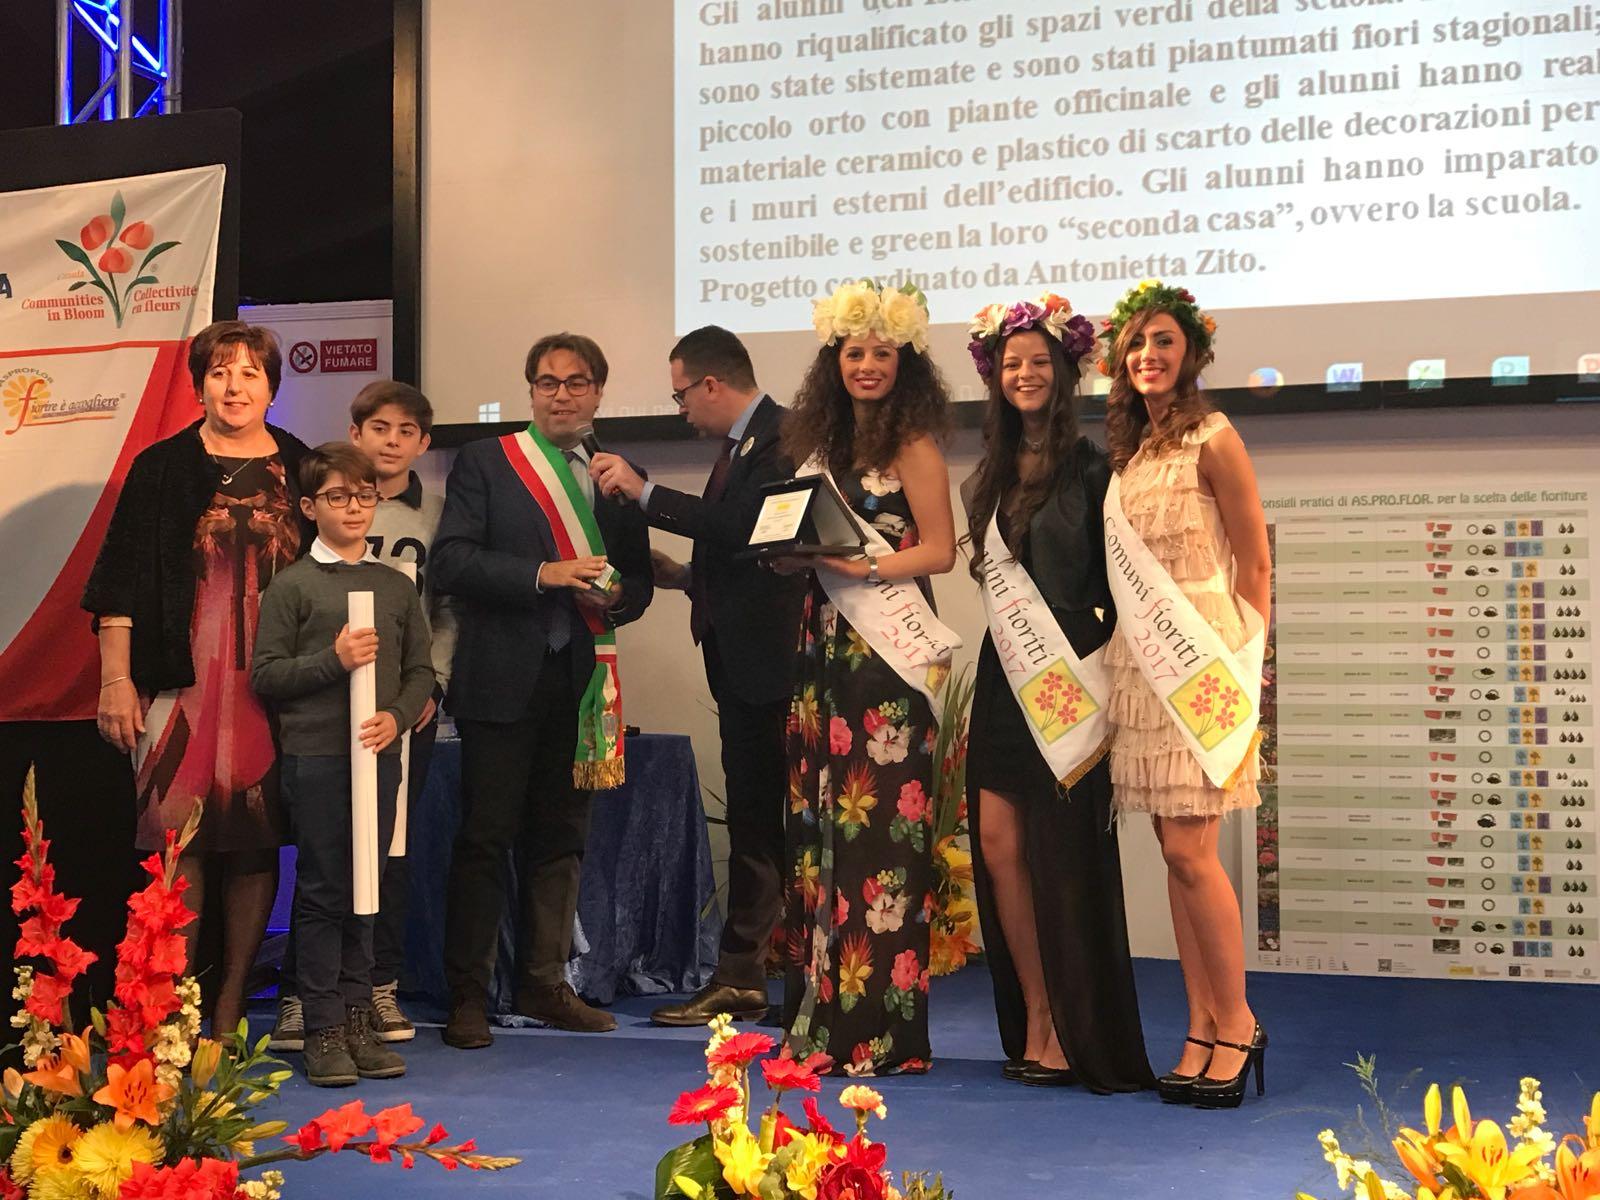 Il Comune di Tusa premiato al Concorso Nazionale Comuni fioriti 2017